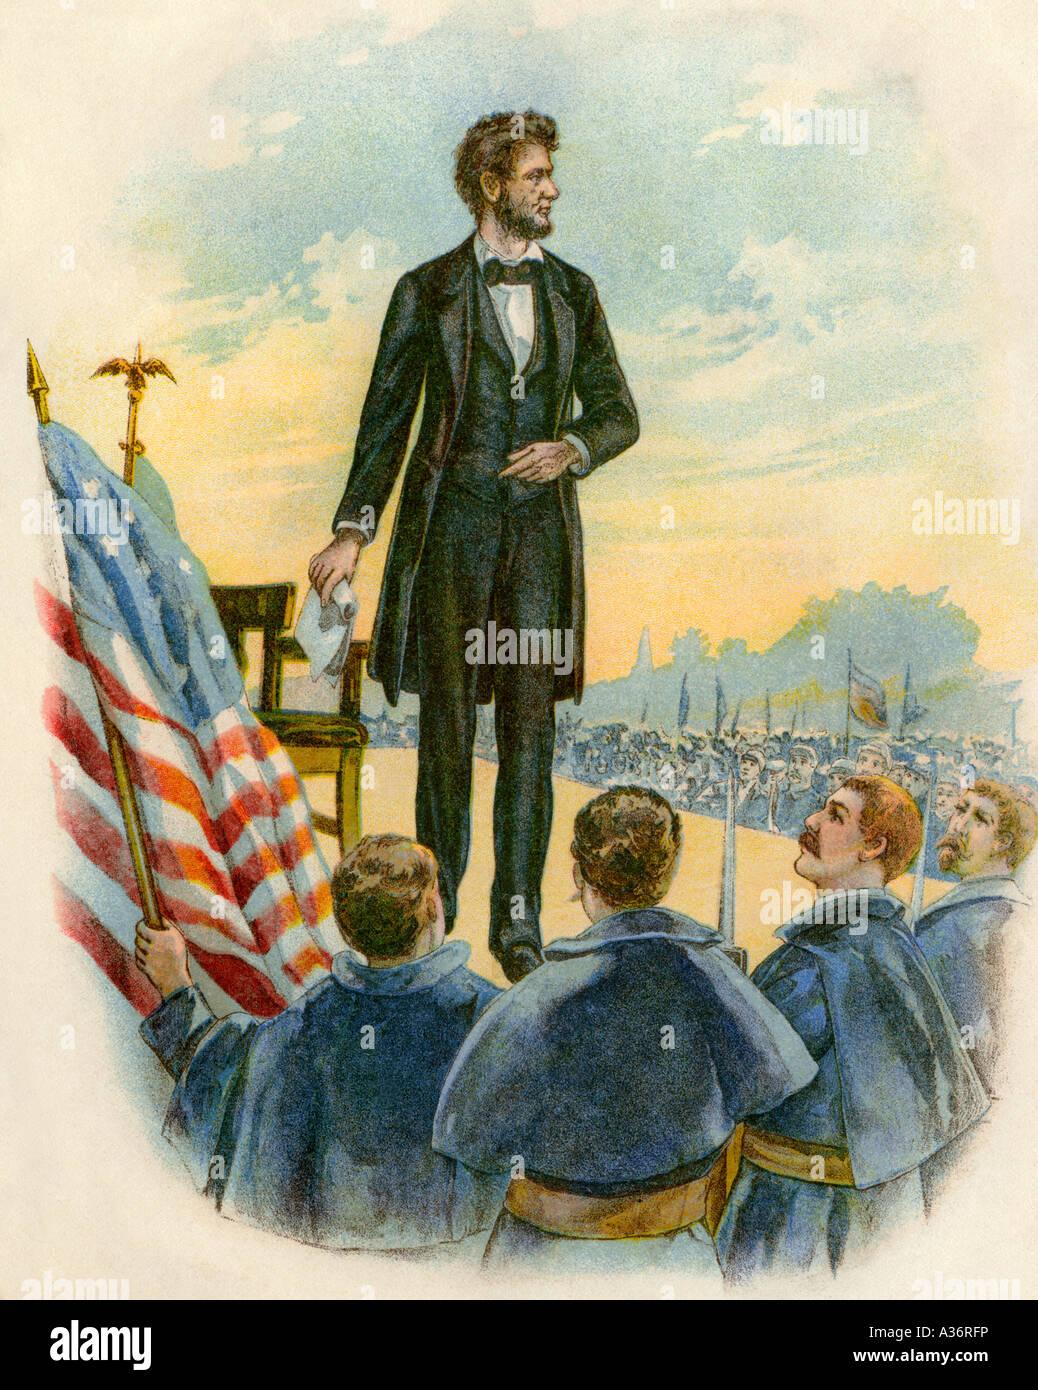 Le président Abraham Lincoln livrer le discours de Gettysburg sur le champ de bataille pendant la Guerre Civile, Photo Stock